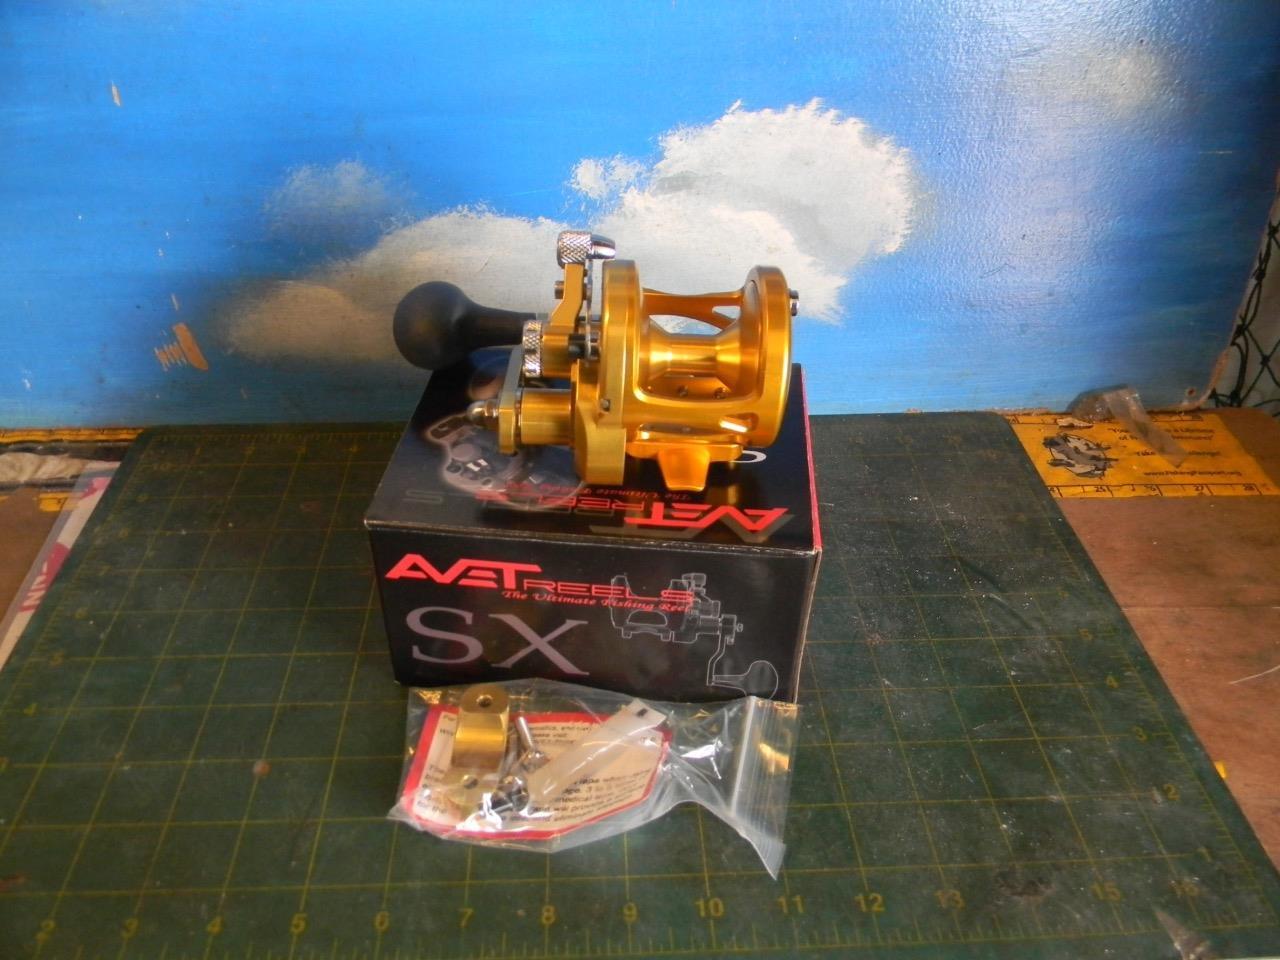 AVET SX 5.3 G2 MC  gold LEVER DRAG FISHING REEL-NEW IN BOX